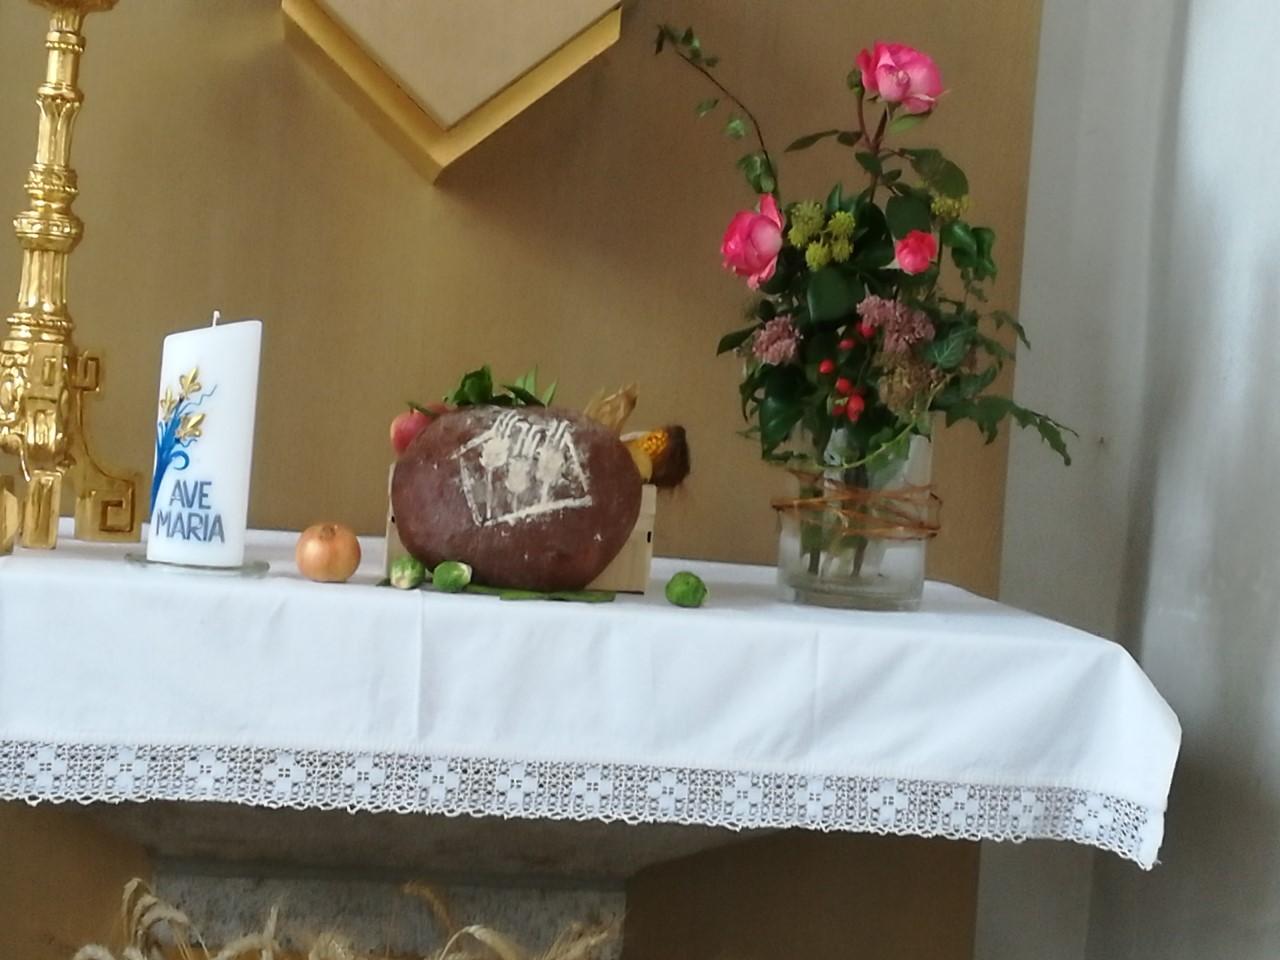 Kirchenjahr_Erntedank_Hoheim_20191005_150039_SK1